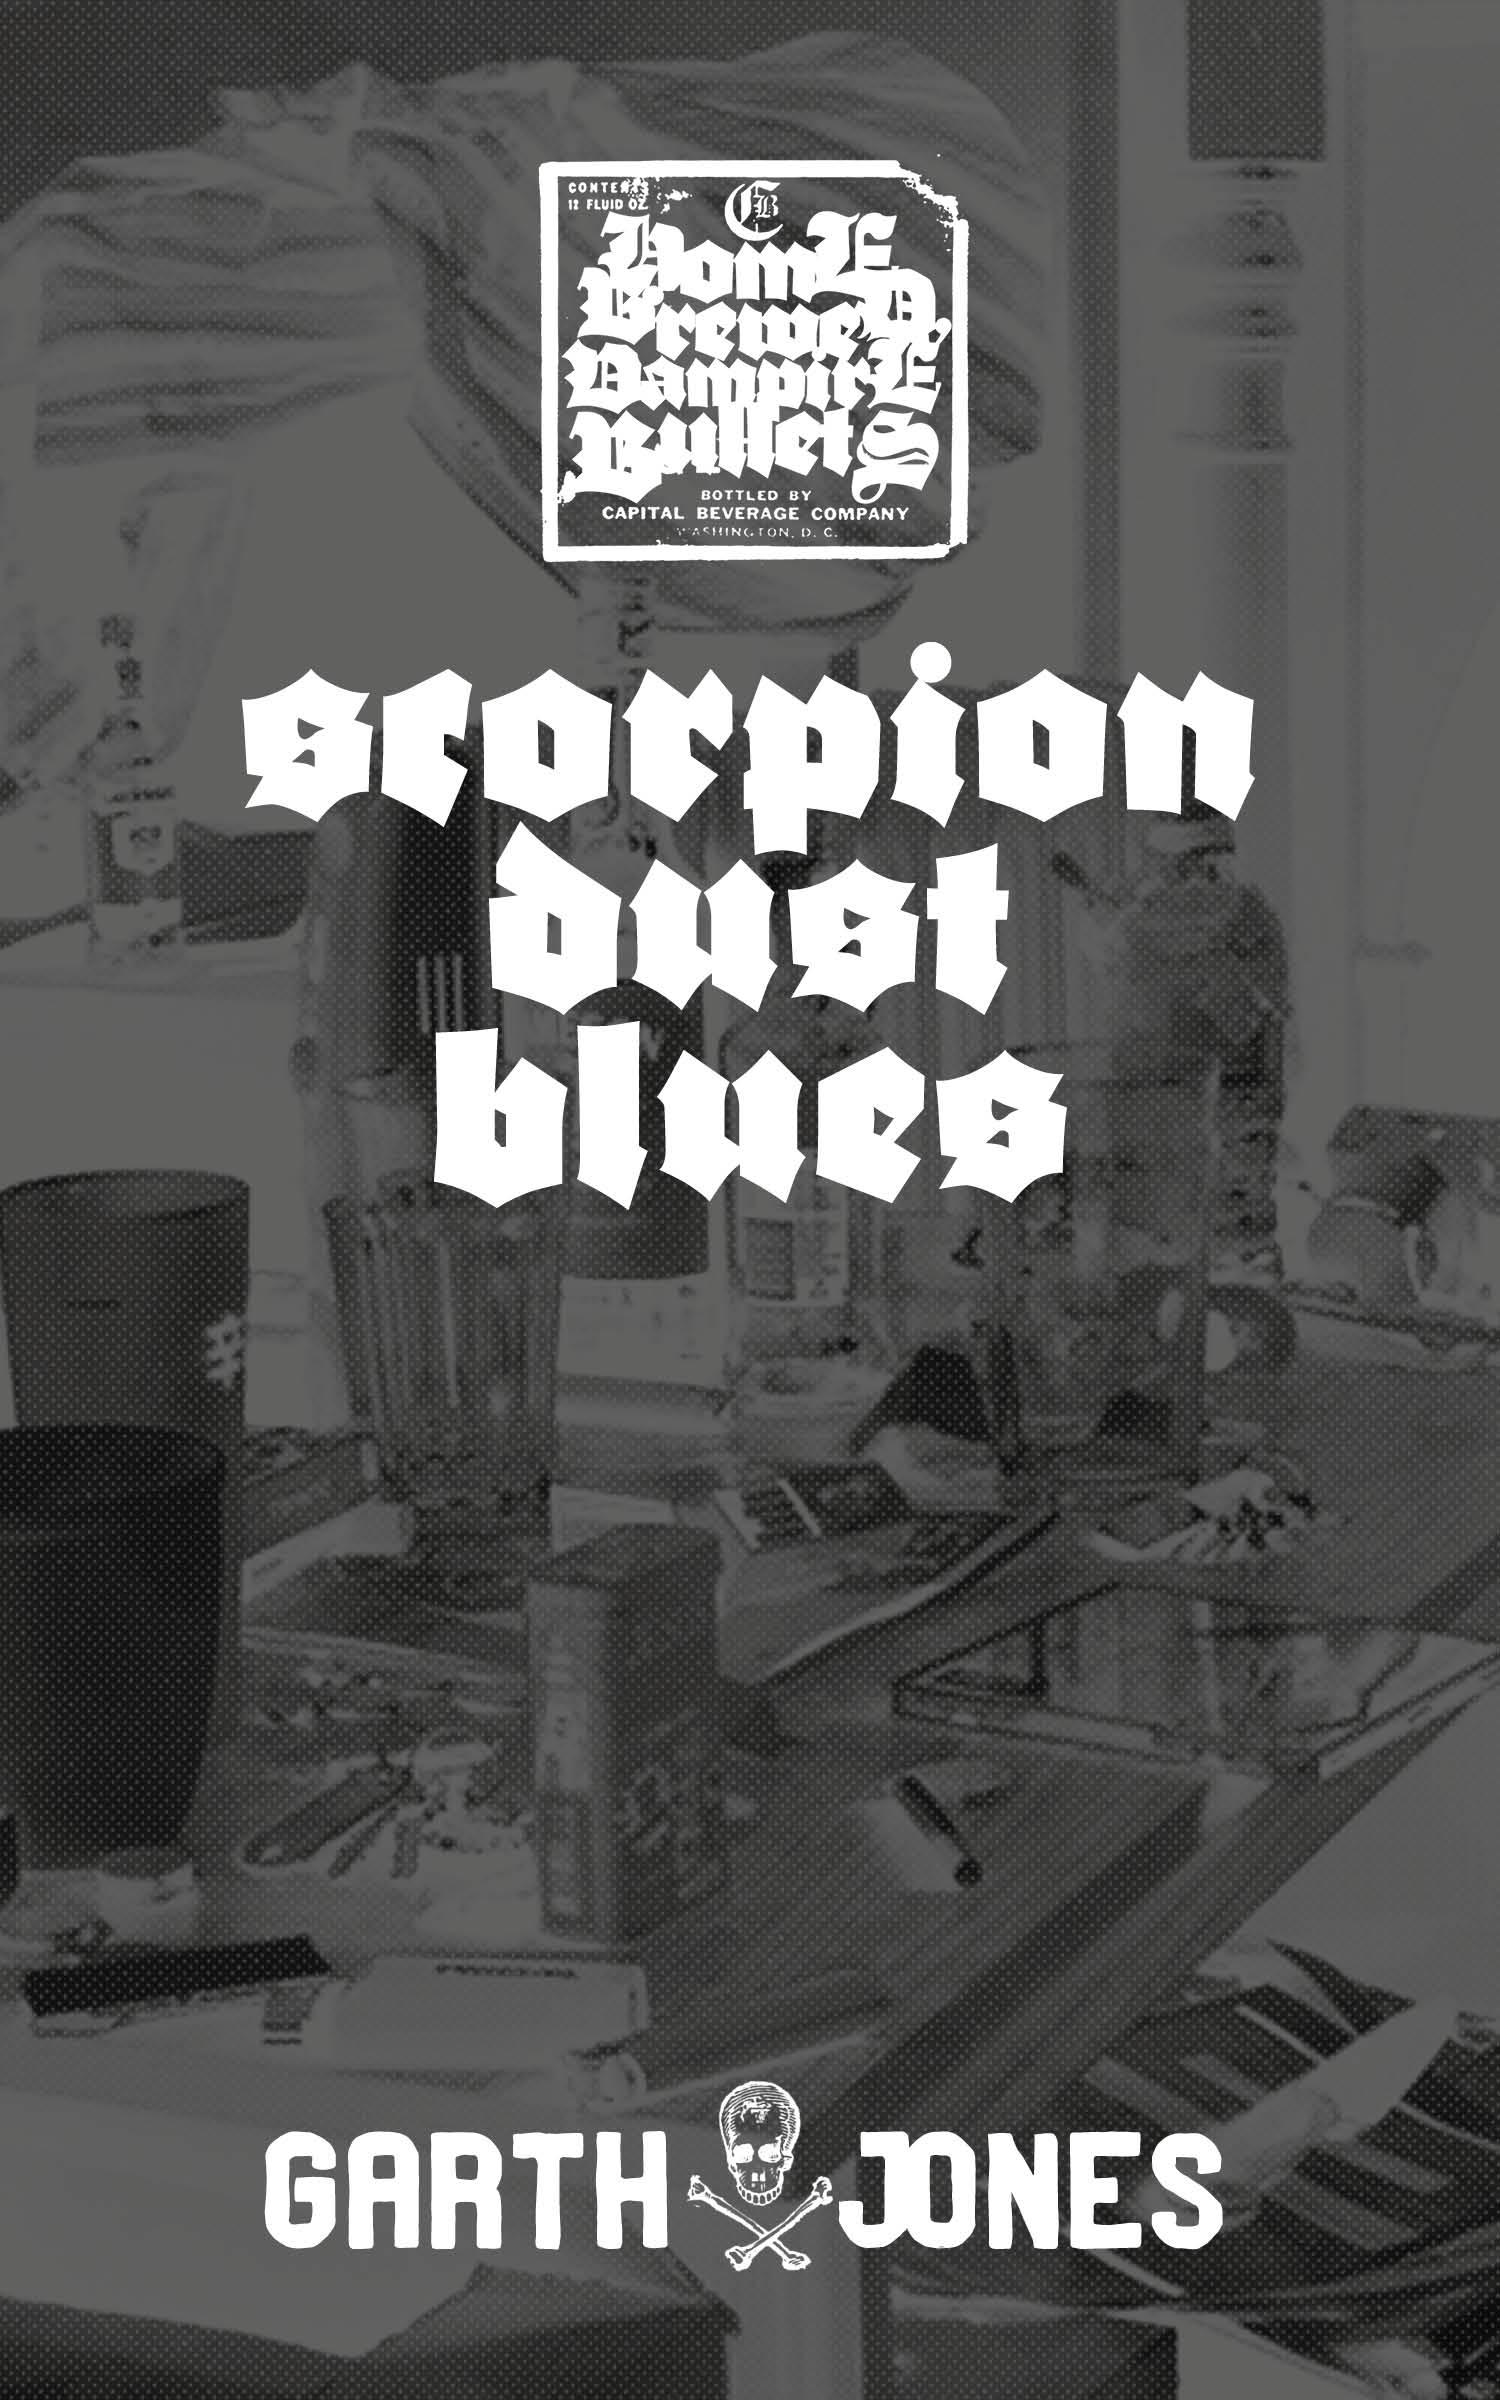 scorpion dust blues.jpg